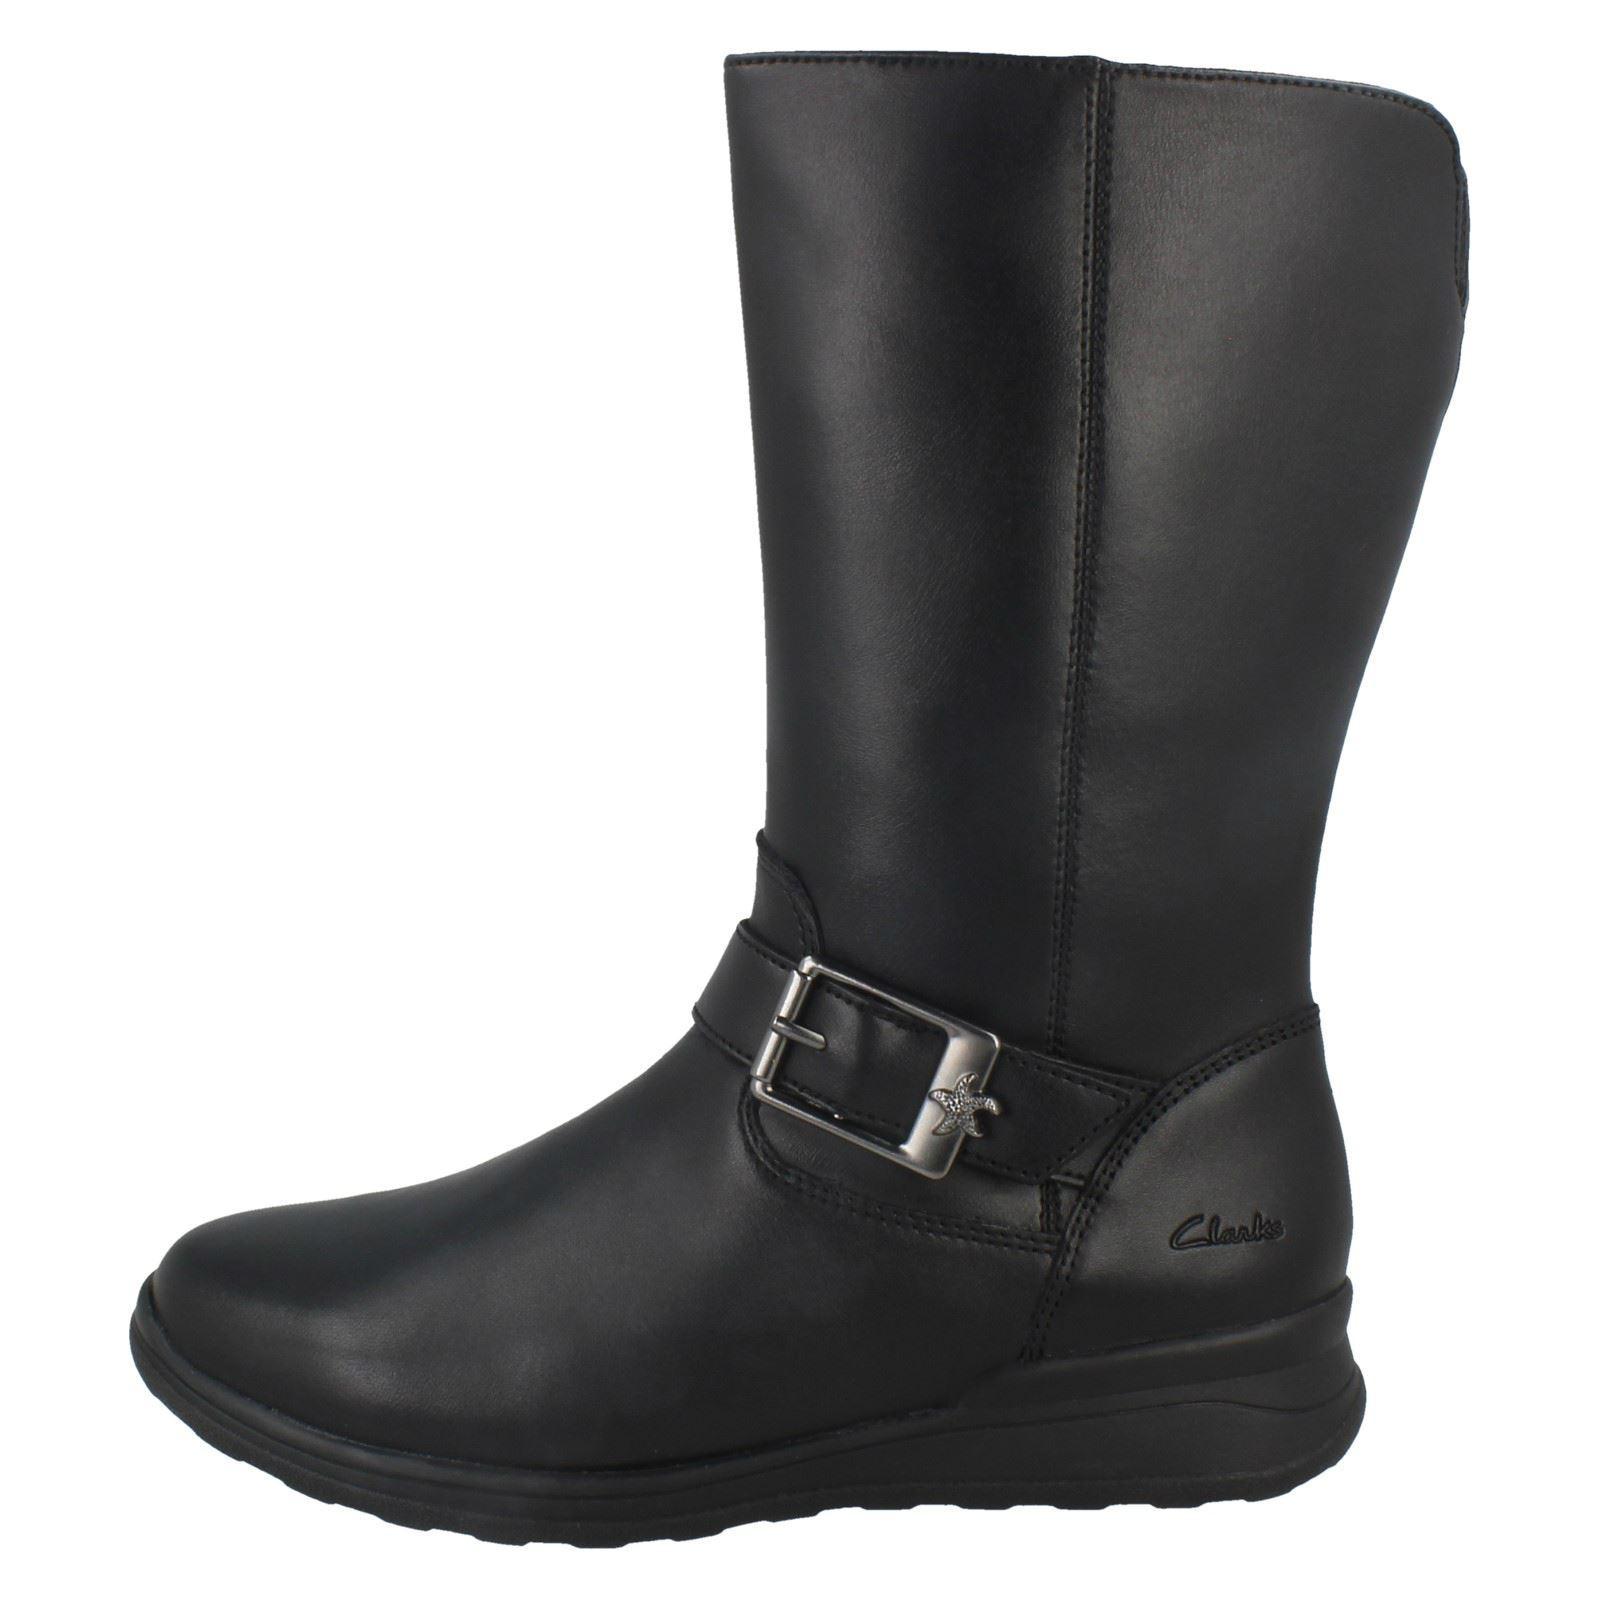 Calf Star' Negro 'mariel Niñas Clarks Mid Boots wBn8qEA0